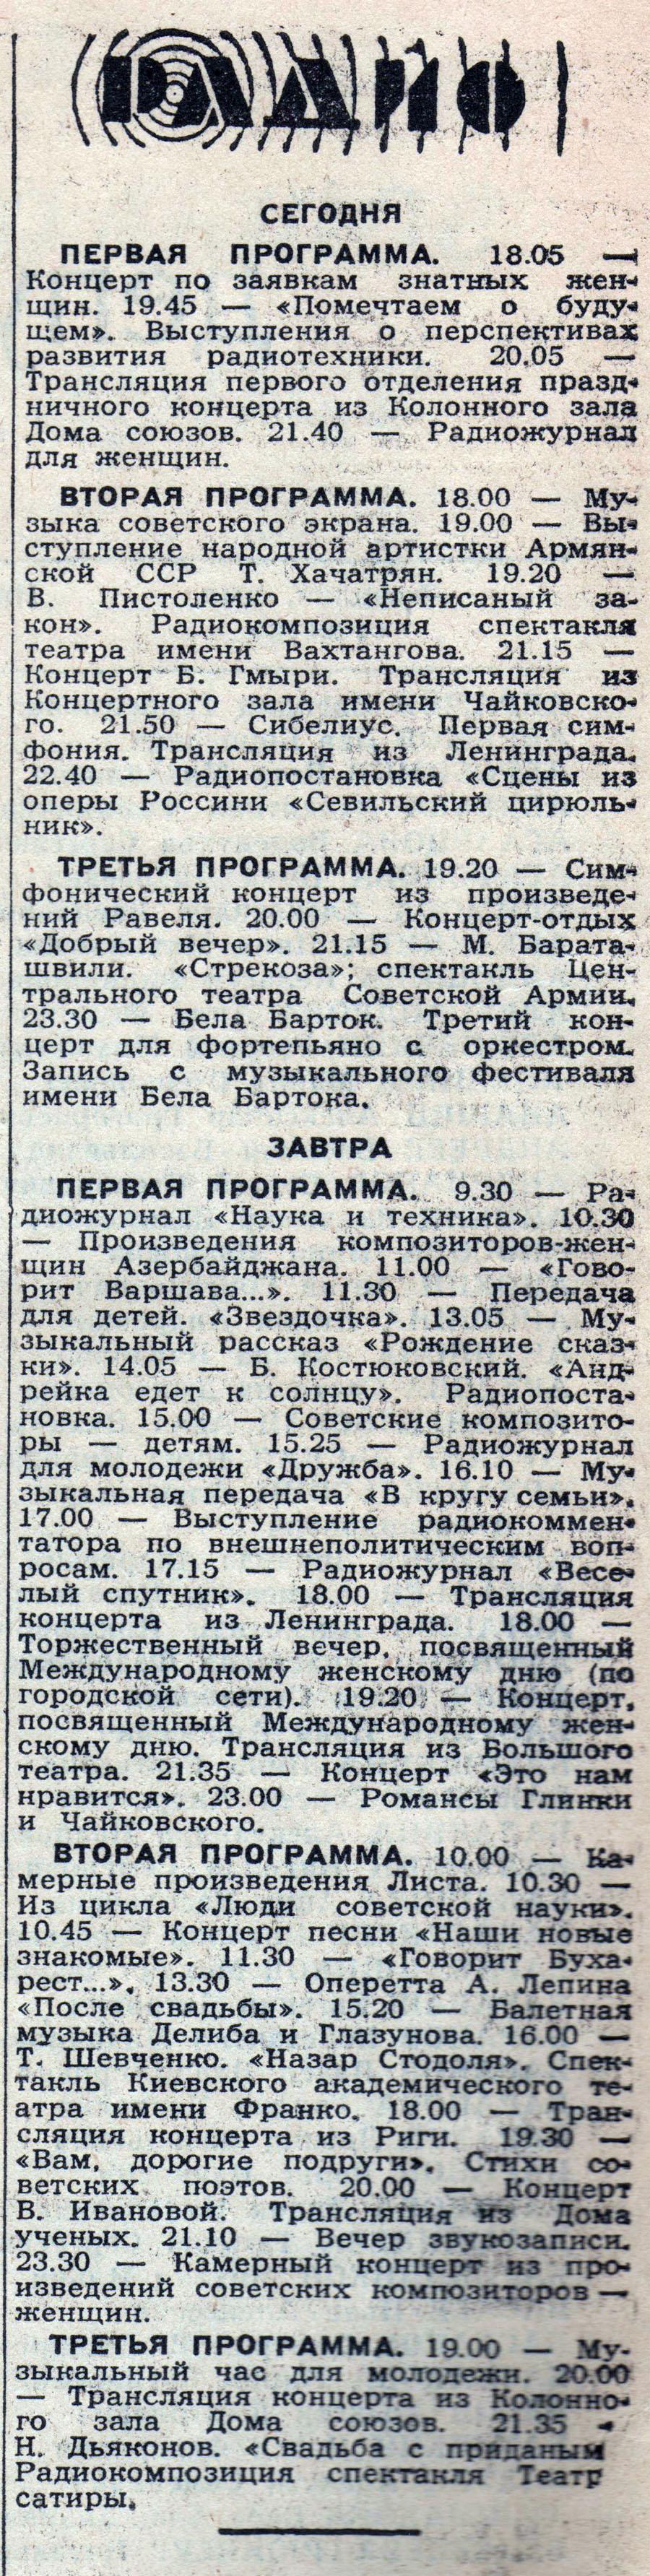 itwaslong.com_vmoskva59_radio.jpg